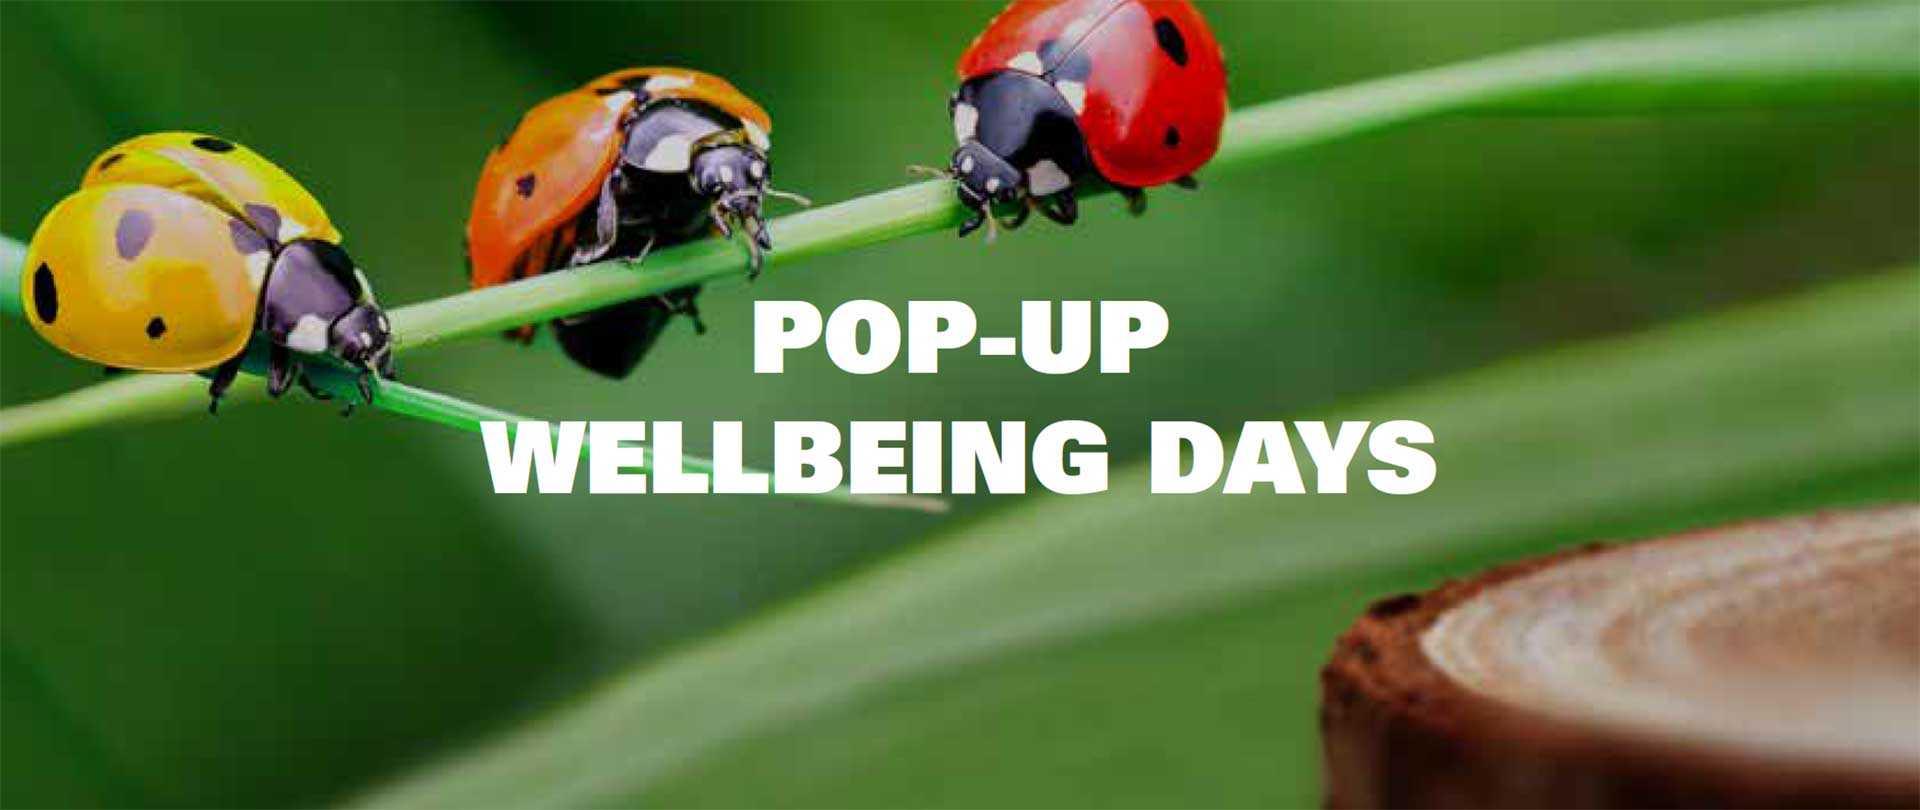 Pop up wellbeing days